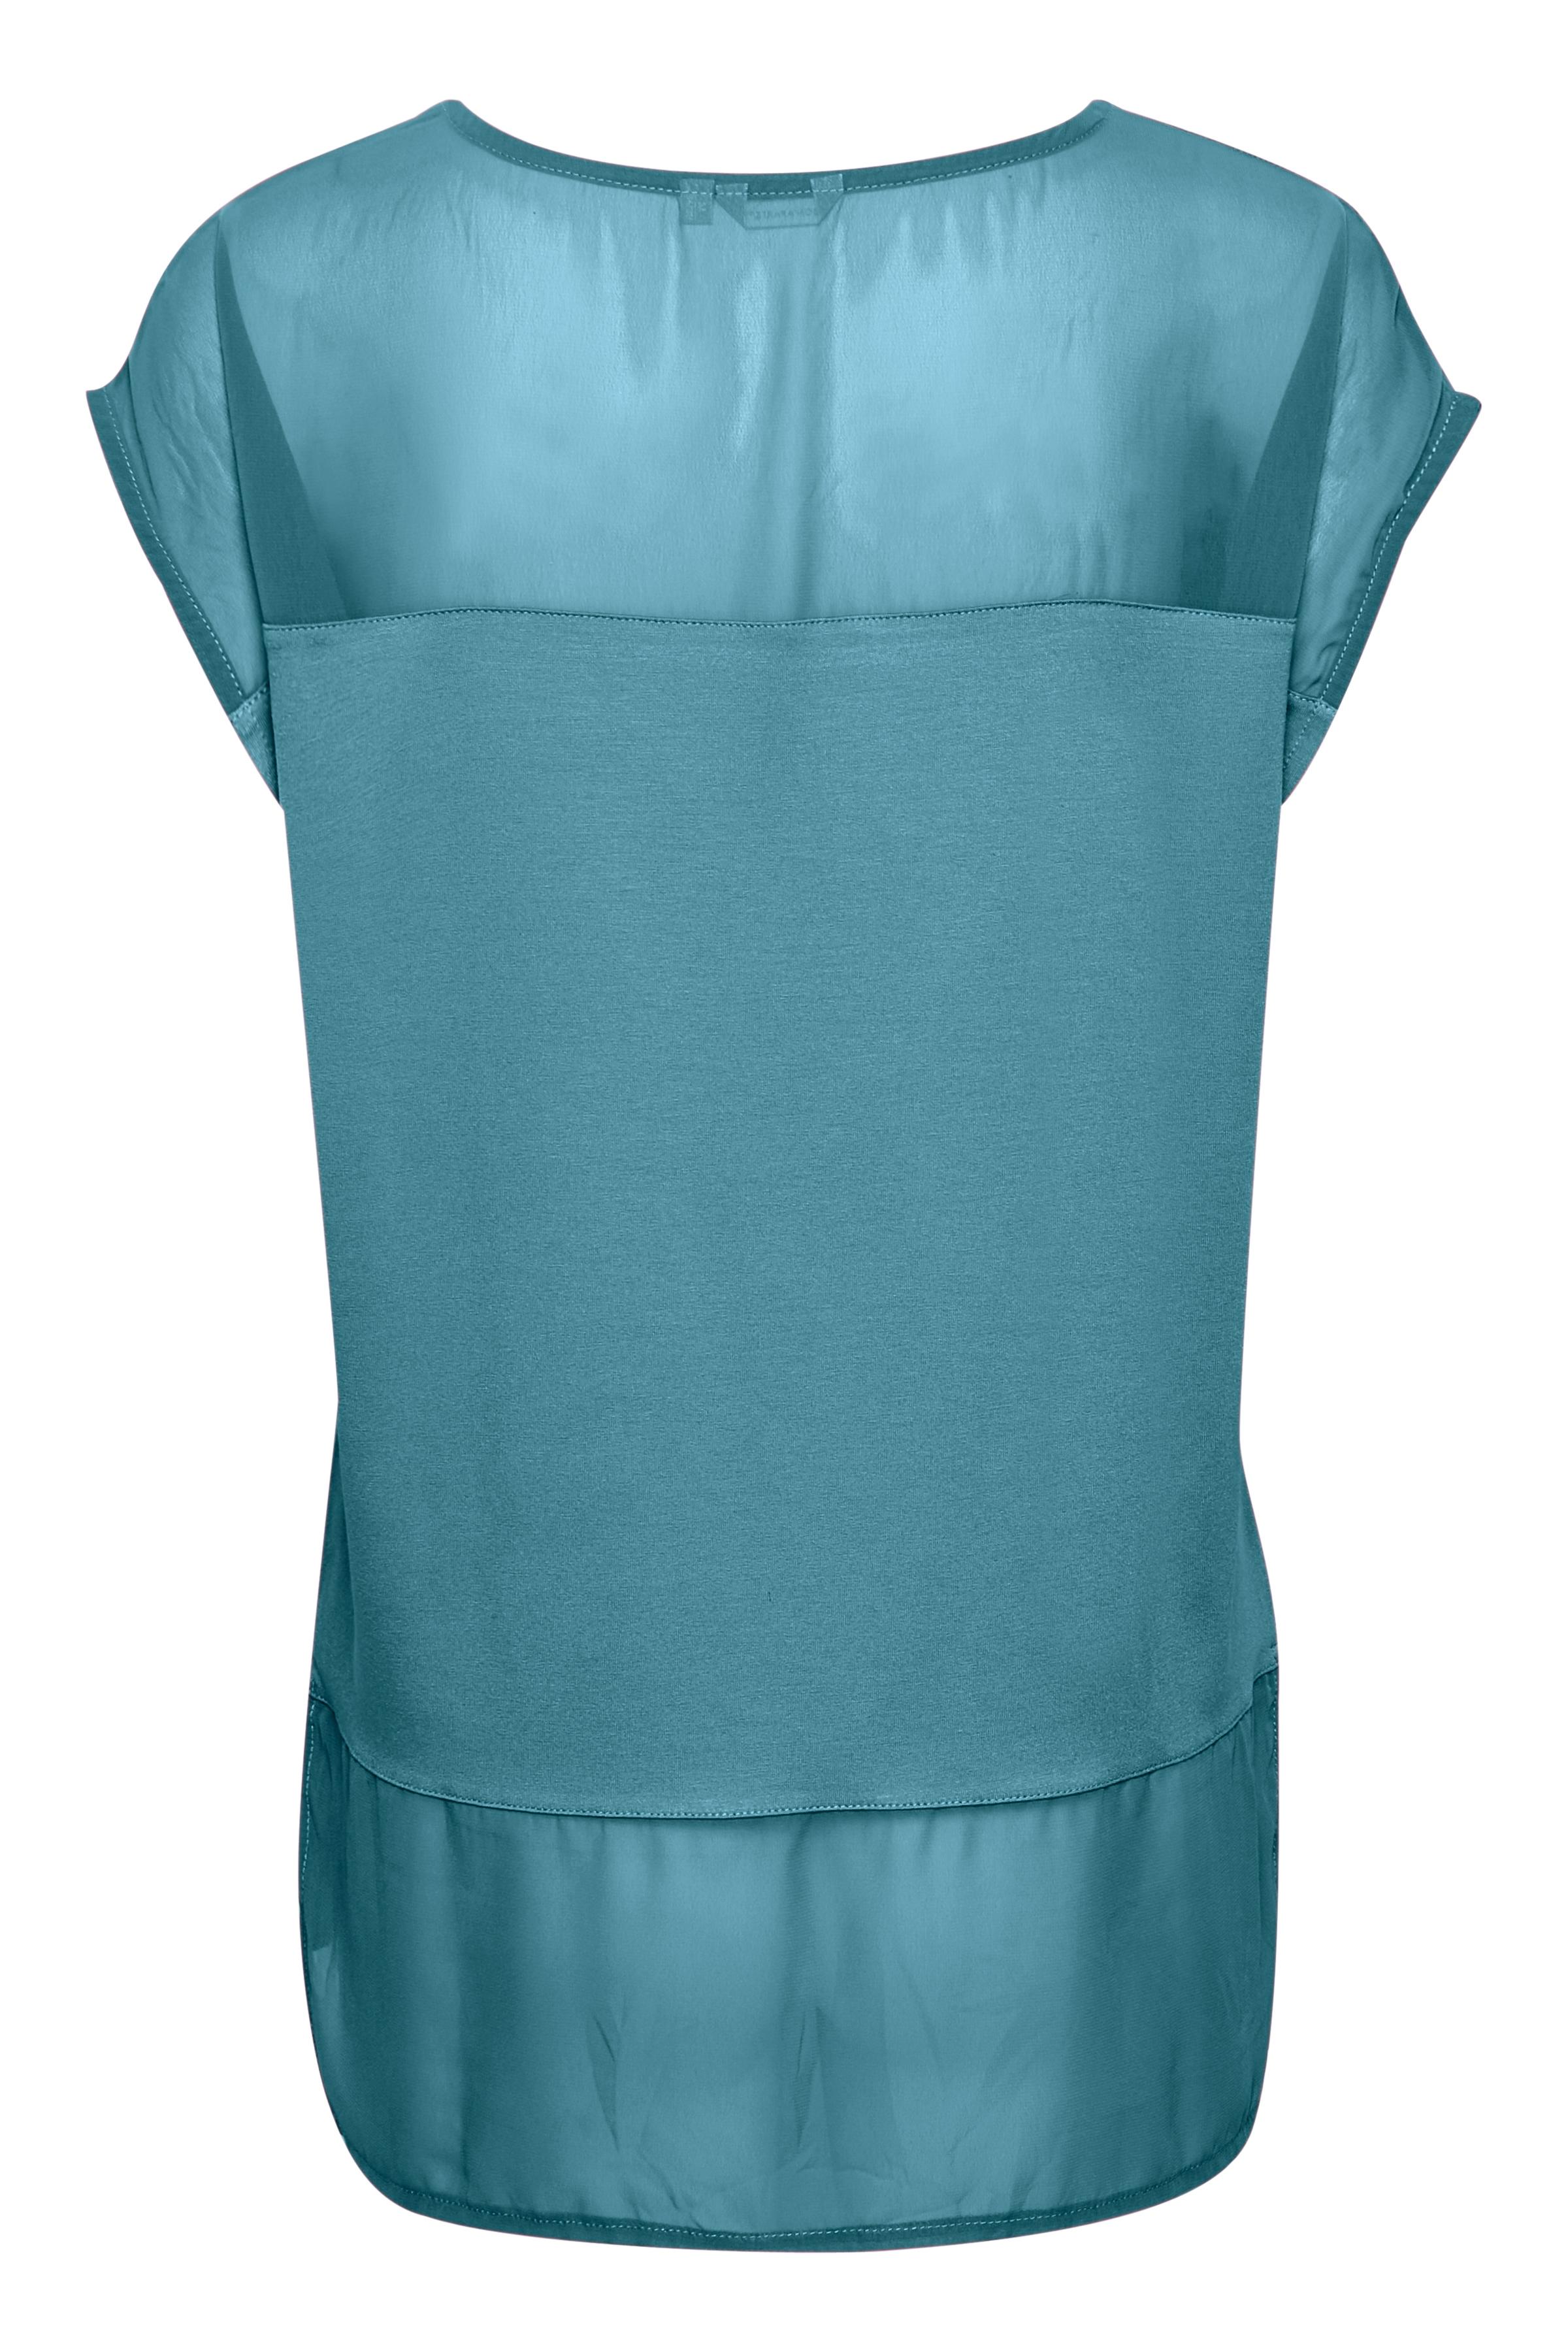 Petrolblau Kurzarm-Shirt von Bon'A Parte – Shoppen Sie Petrolblau Kurzarm-Shirt ab Gr. S-2XL hier